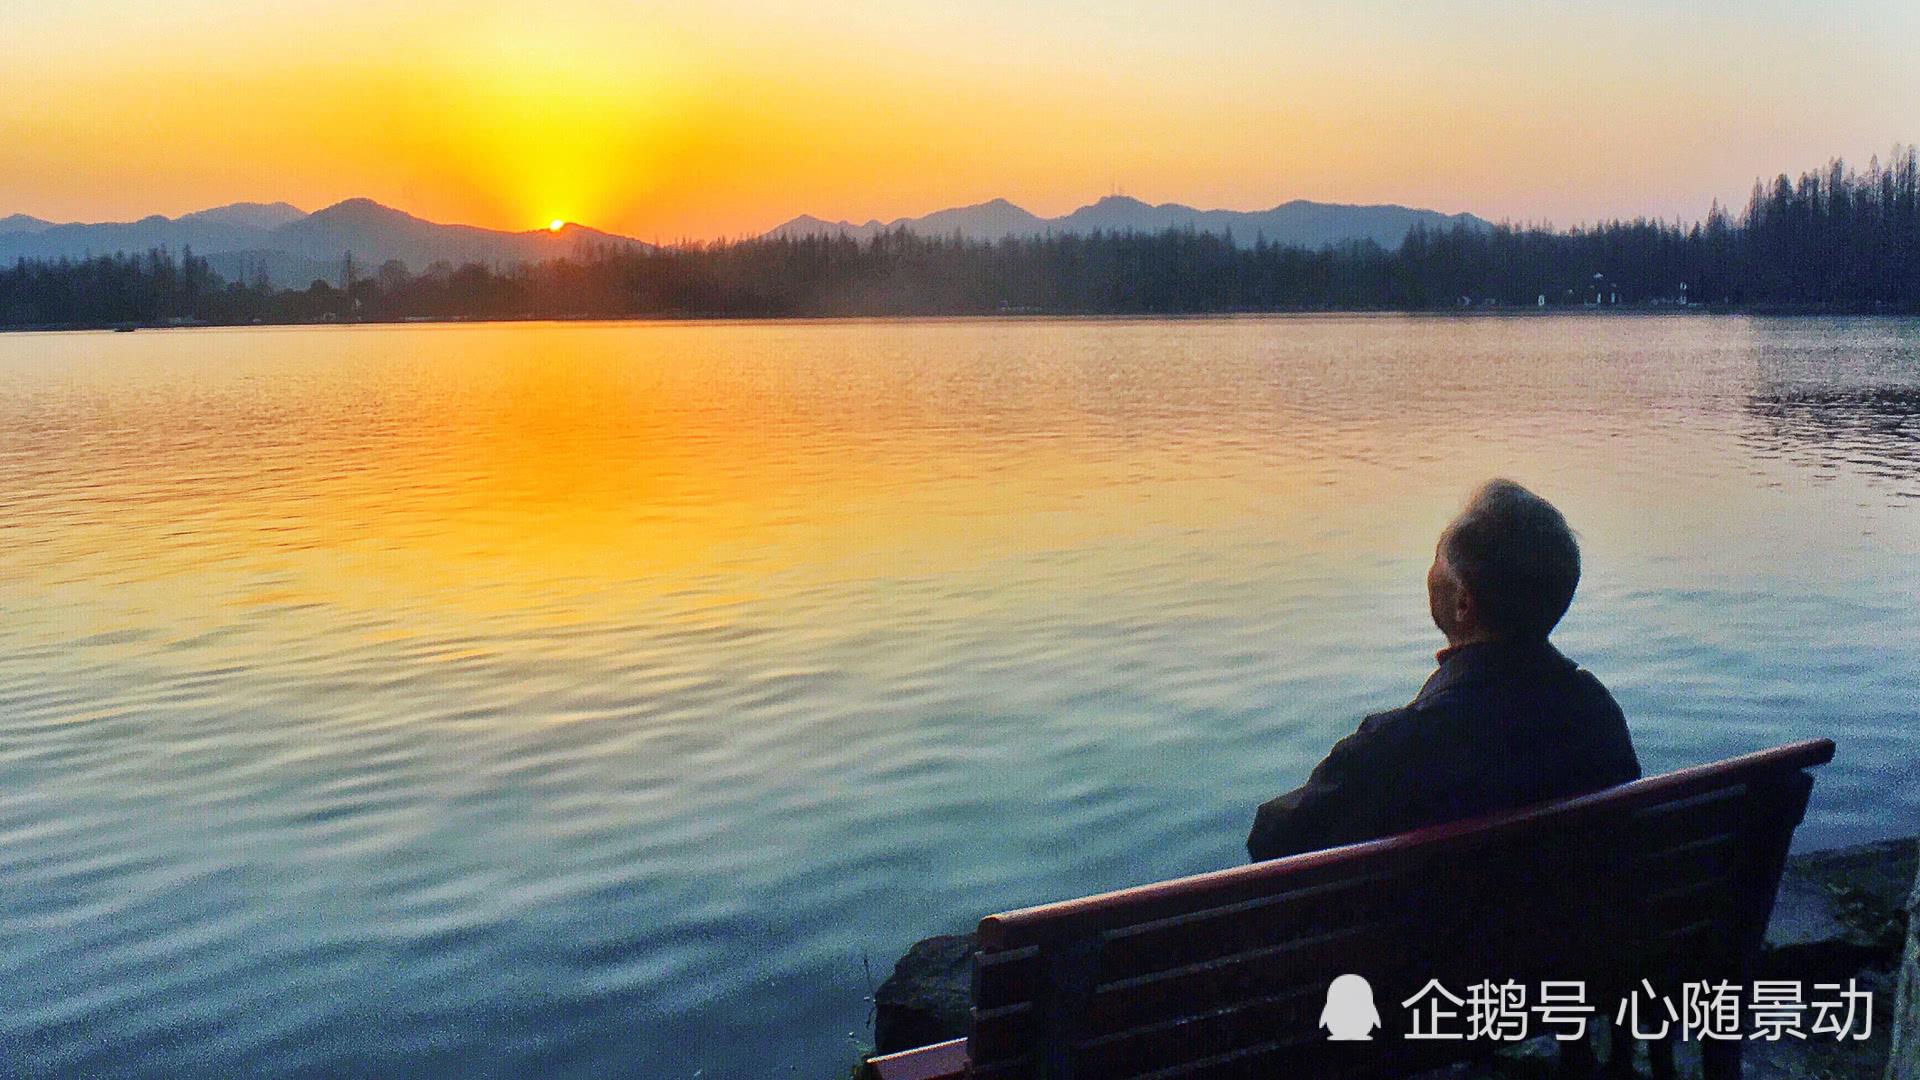 国内存在感最强的四个景区,全年无淡季,名气与美景共存!